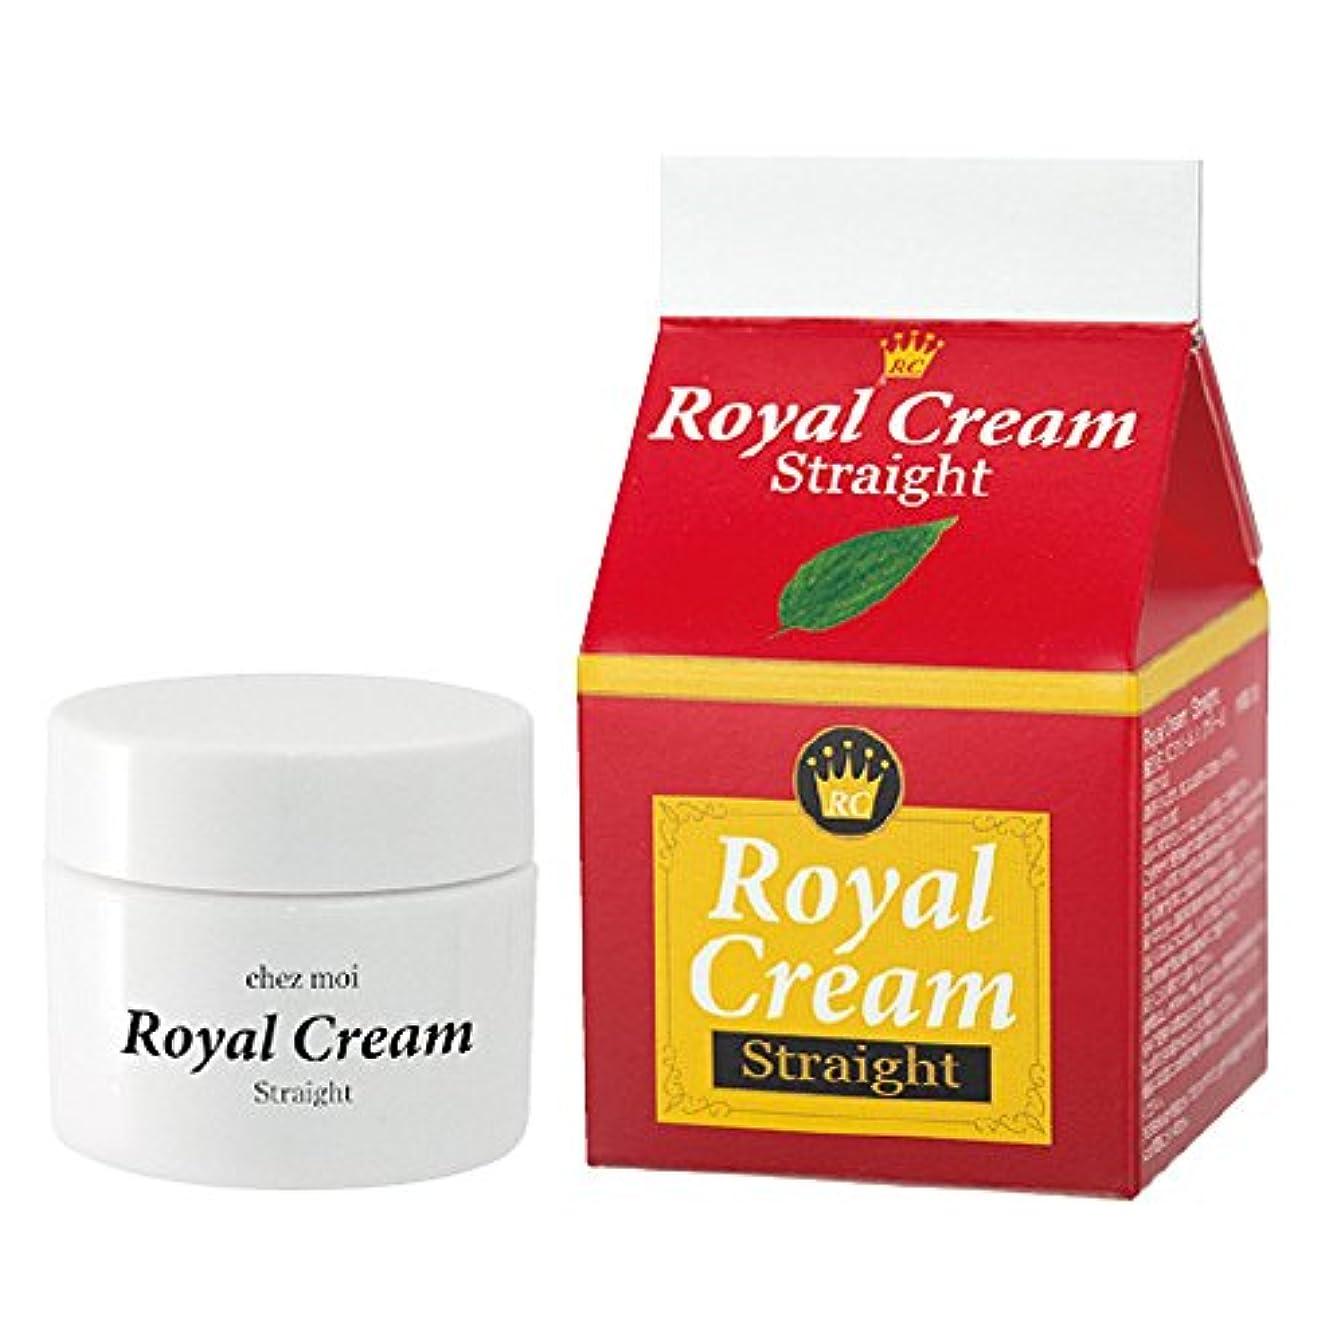 サークル寝室を掃除するきつくシェモア Royal Cream Straight(ロイヤルクリームストレート) 30g